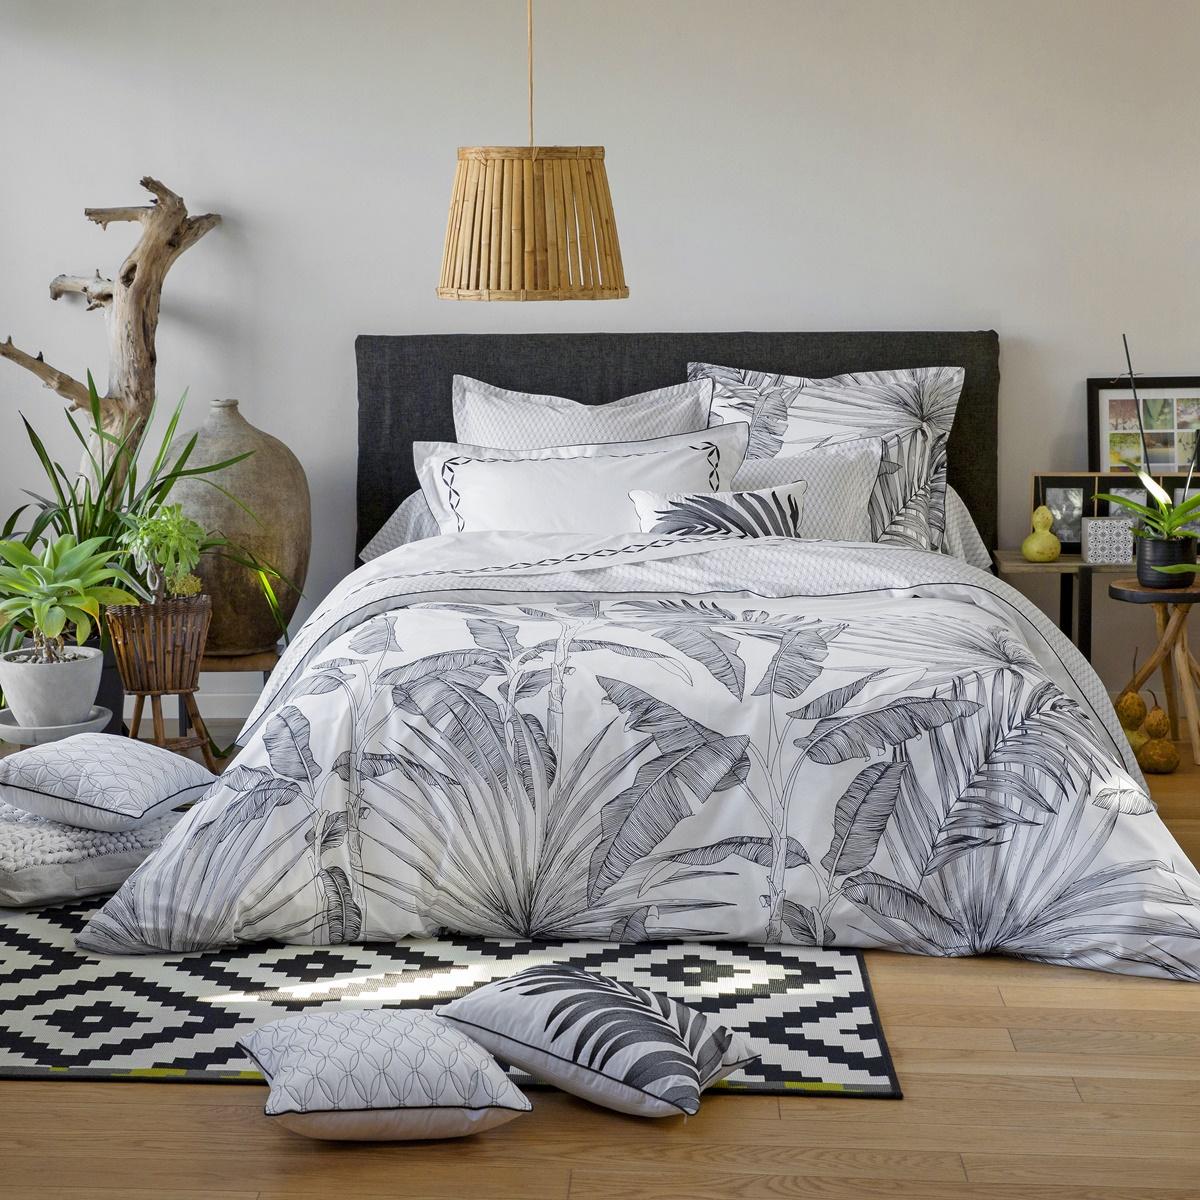 Tropical duvet cover bed linen tradition des vosges